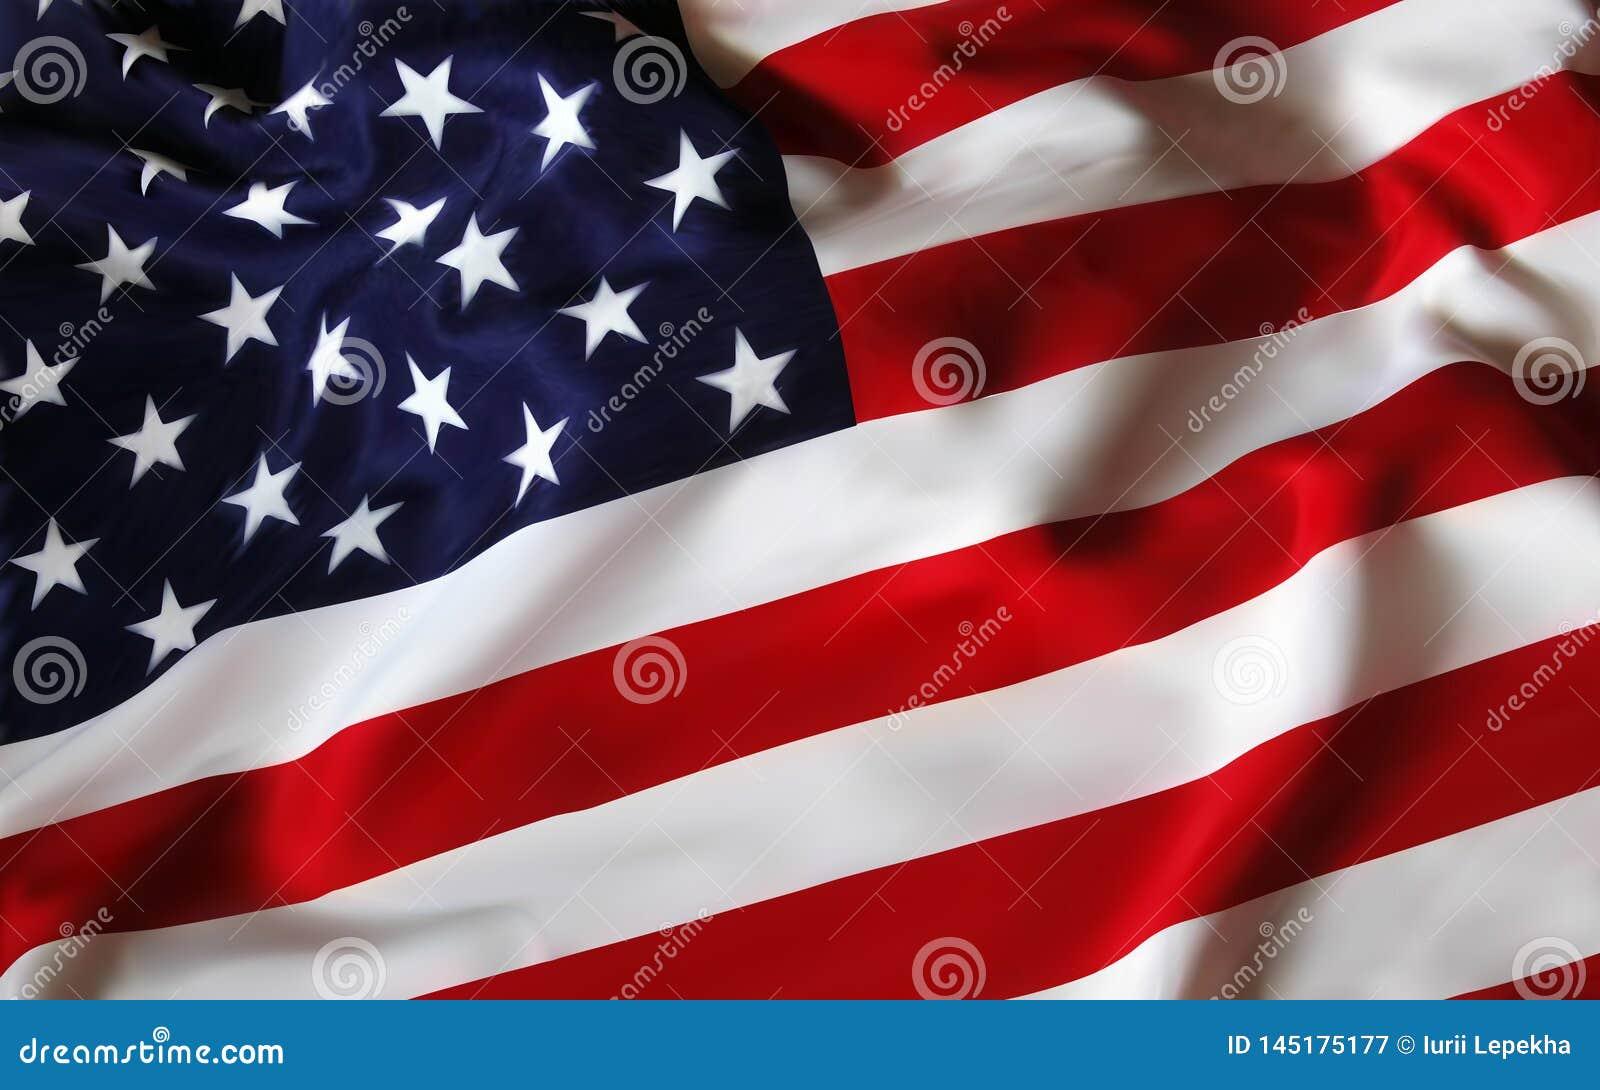 Stany Zjednoczone Ameryka usa flaga dla wakacyjnego 4th Lipiec Od?wi?tno?? dzie? niepodleg?o?ci EPS10 wektorowa ilustracja ()- We